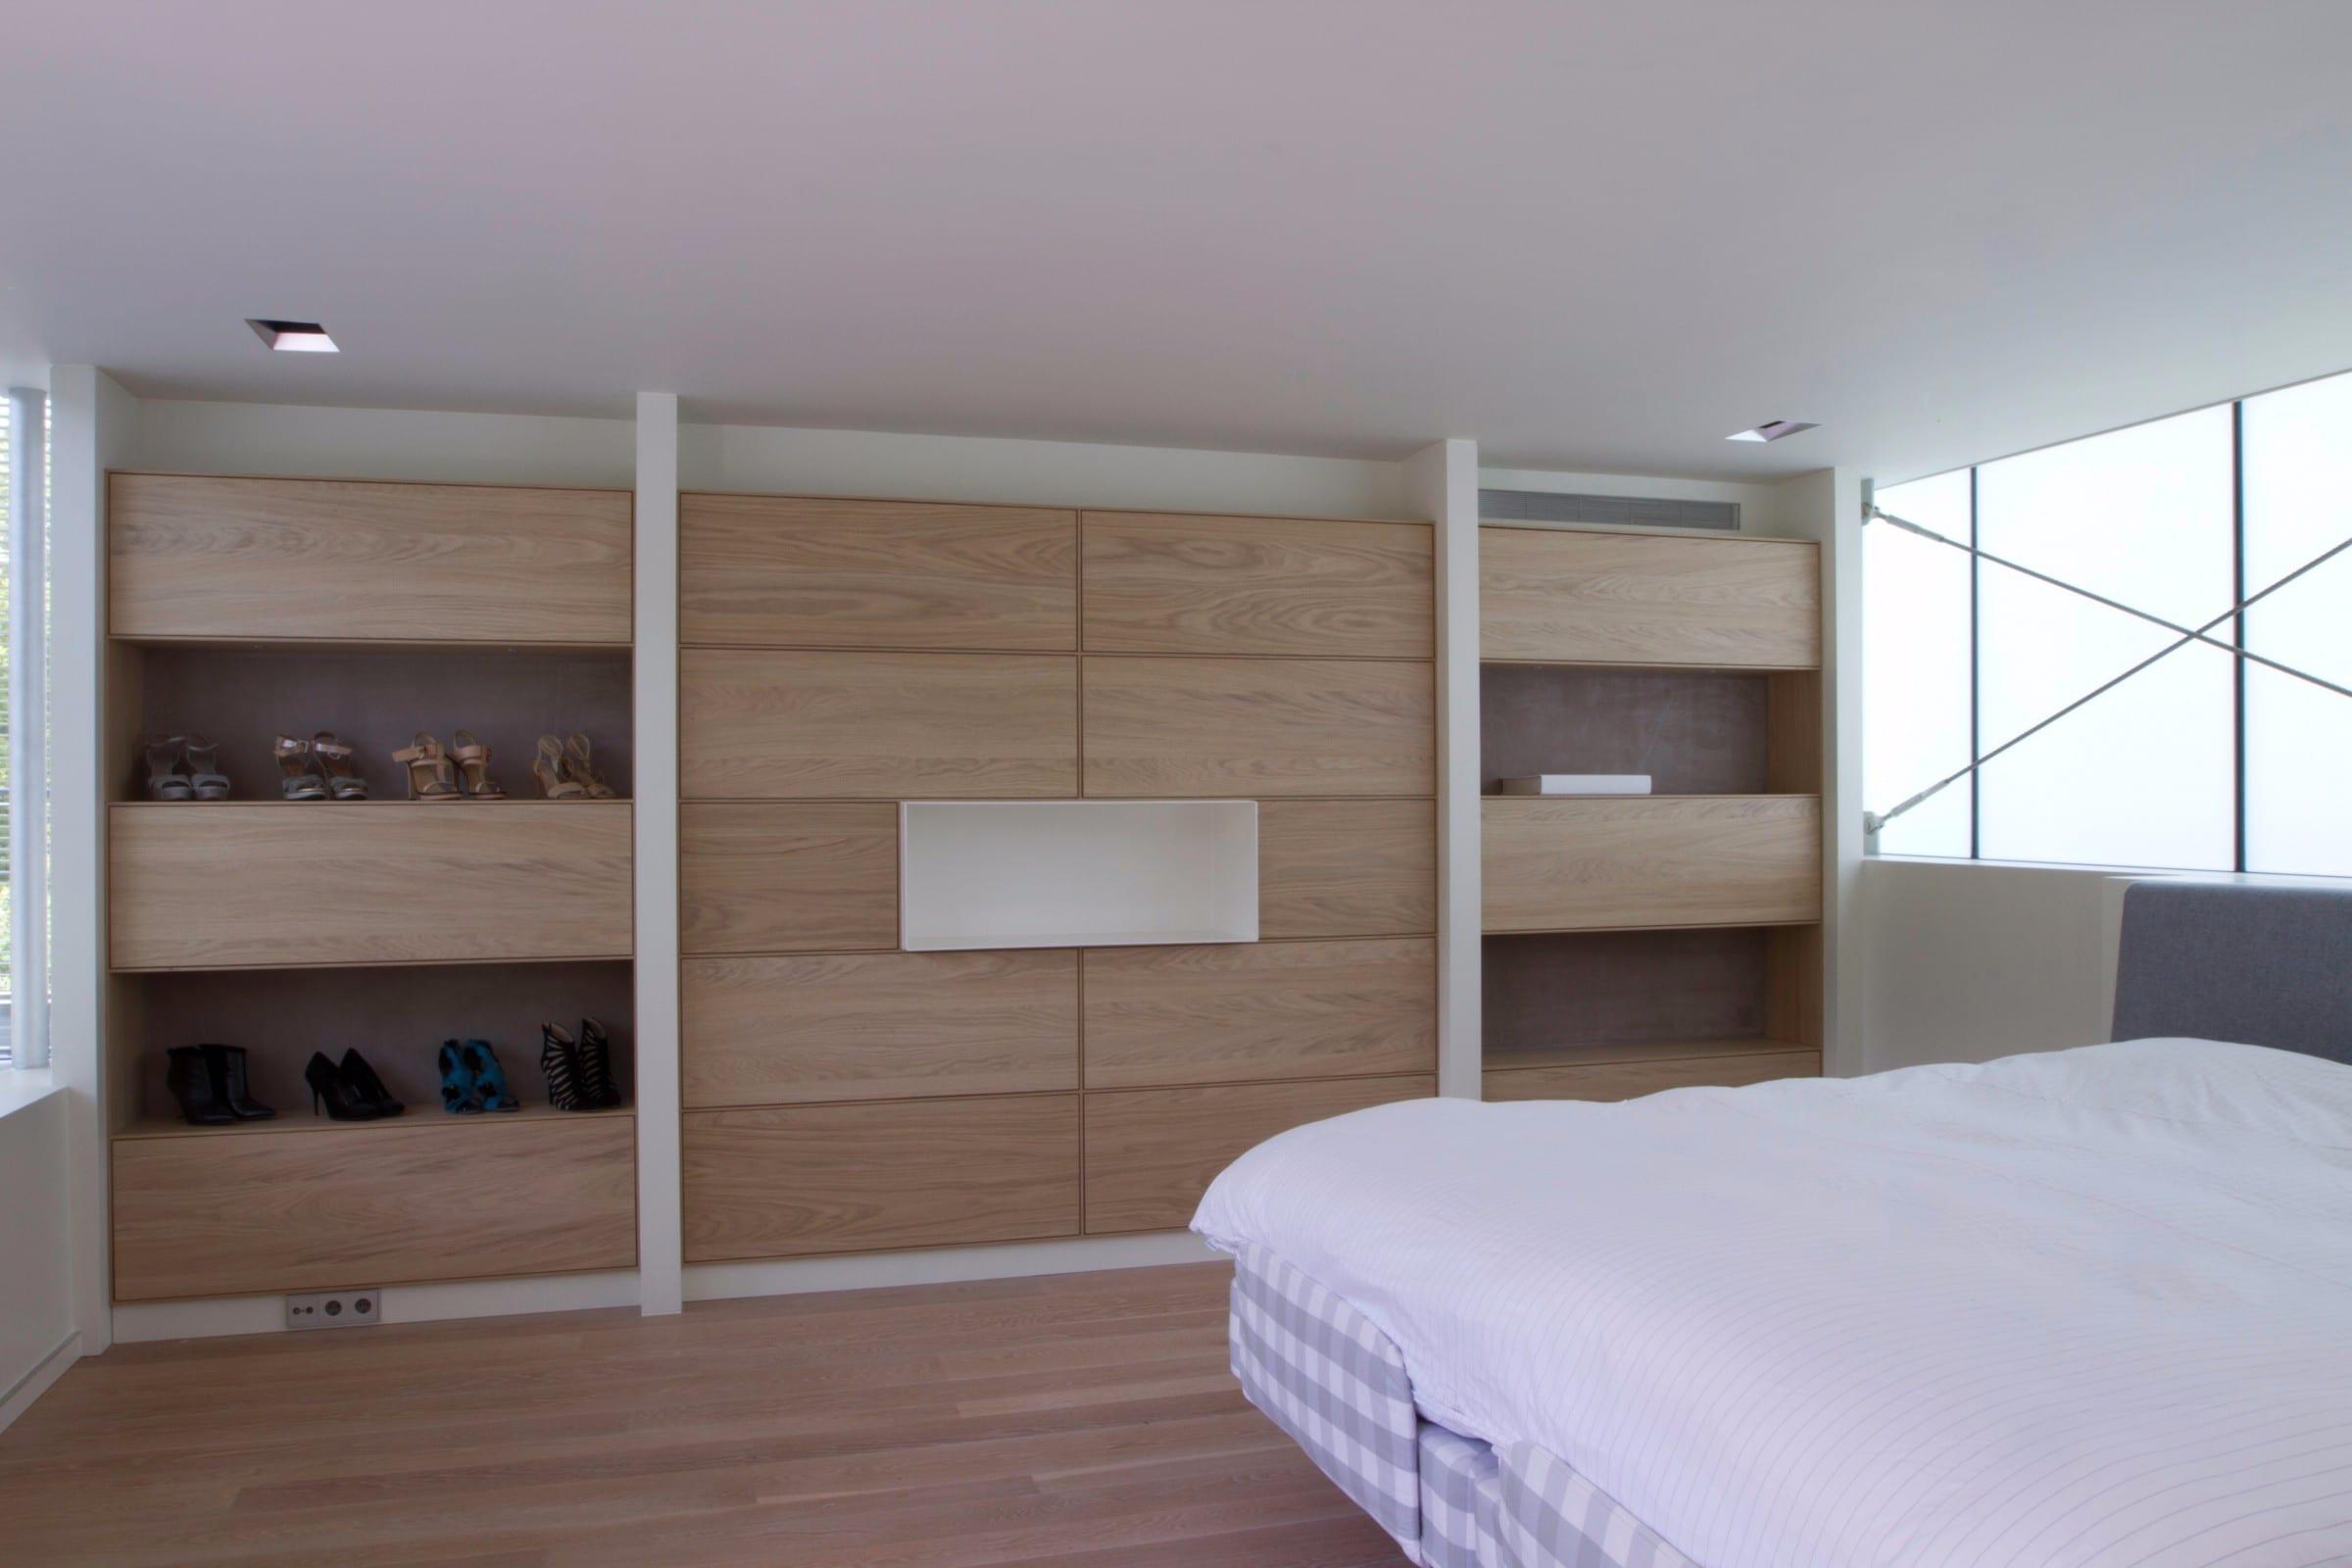 unieke kast op maat laten maken meubelmakerij houtkwadraat